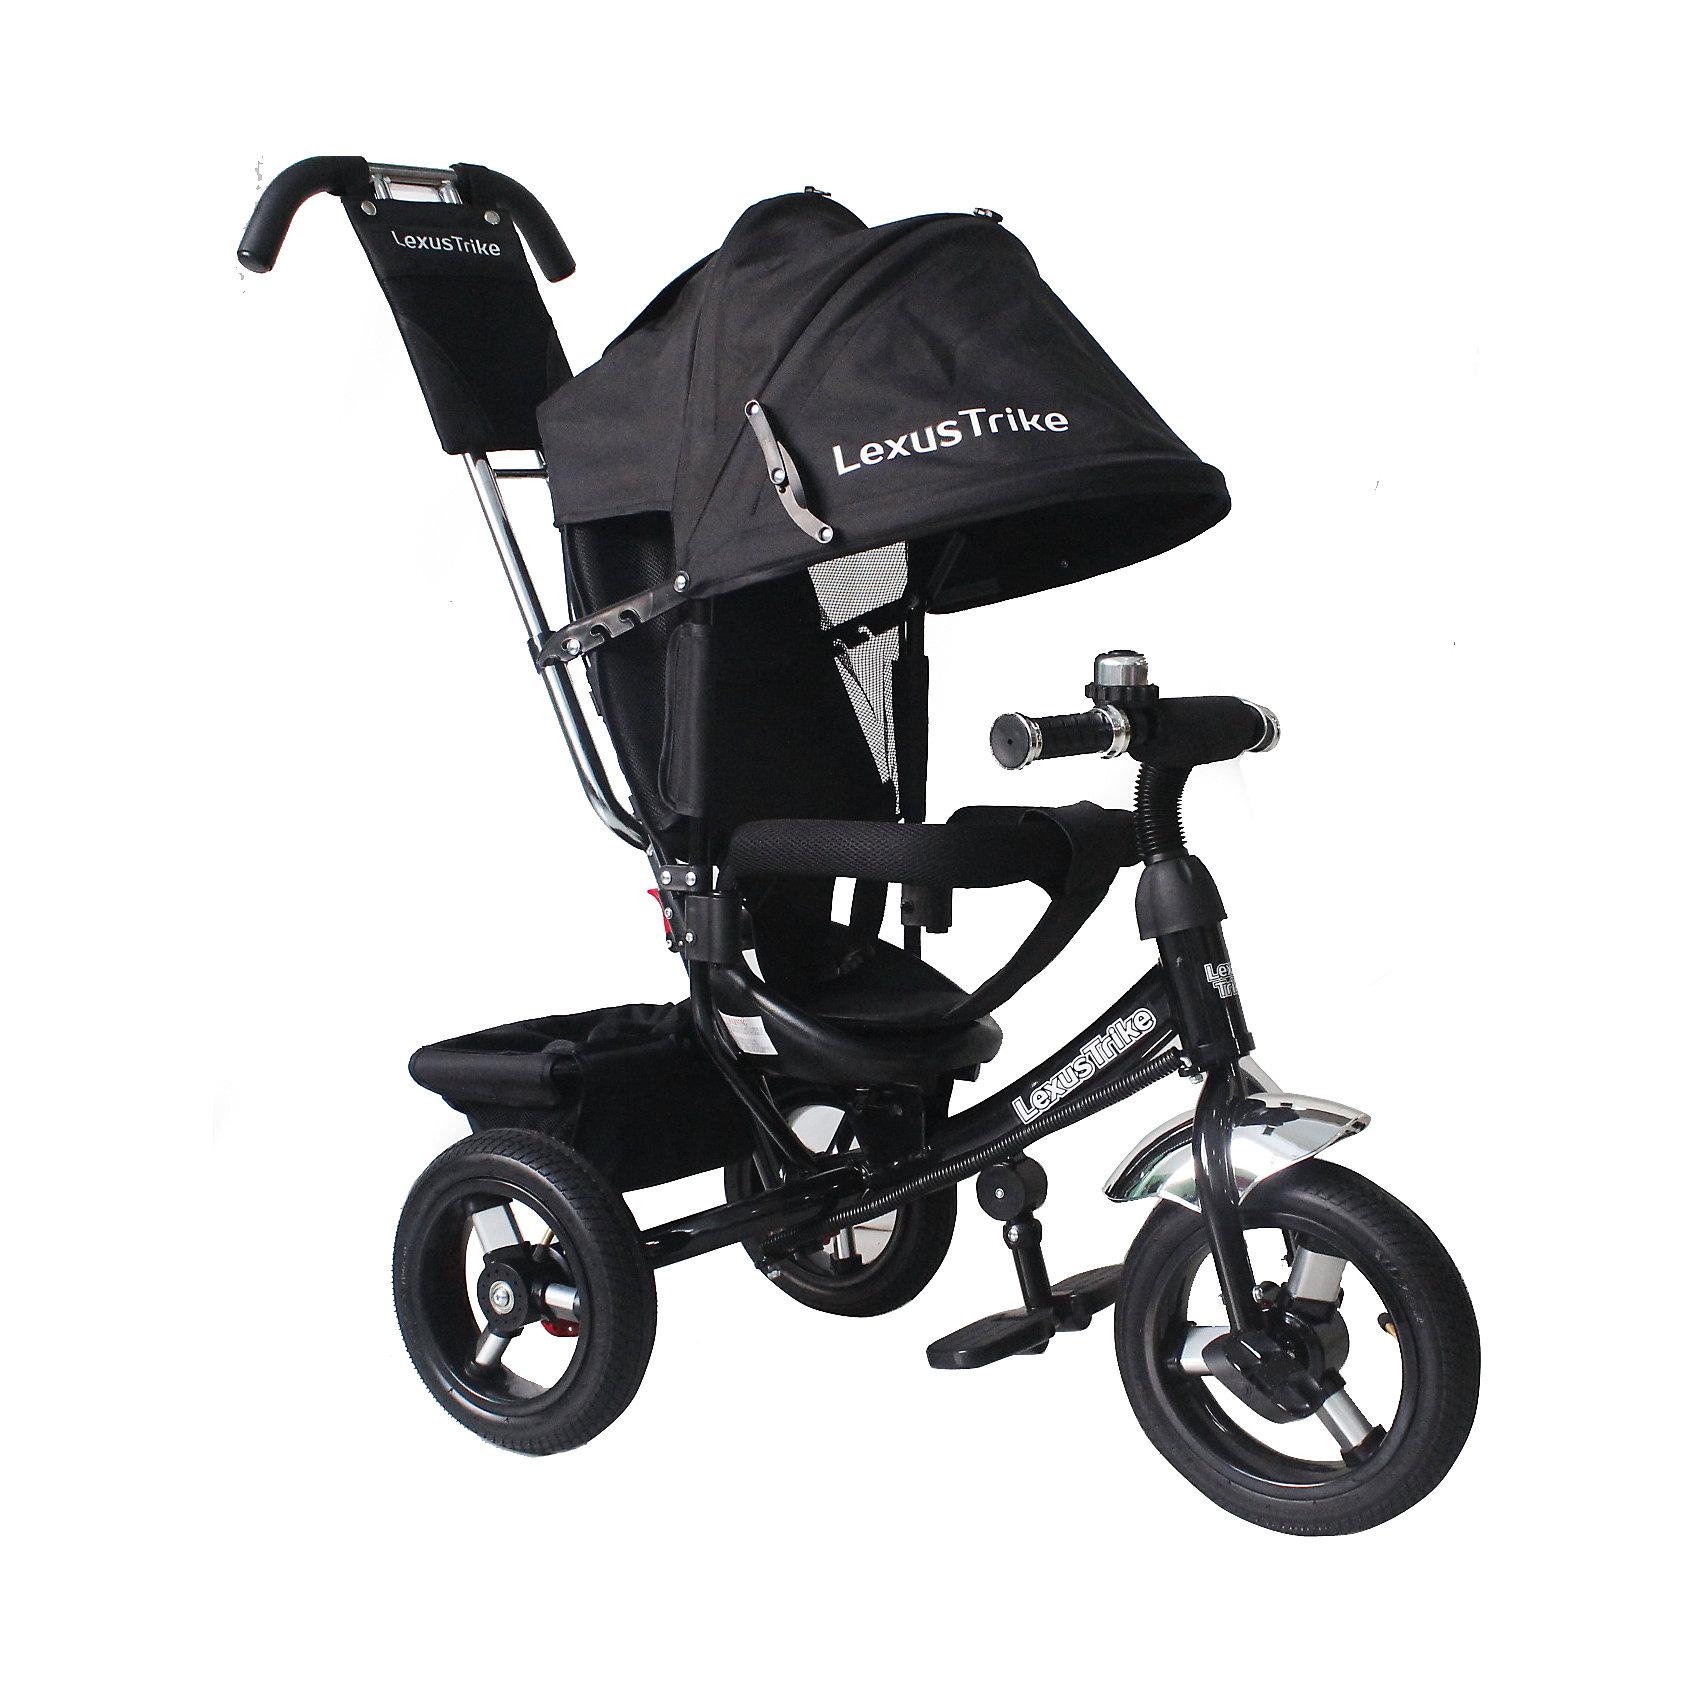 Трехколесный велосипед, регулир. спинка,черный, Lexus Trike LRнадувные резиновые колеса с алюминиевыми спицами и металлическими втулками передние 30 см (12) с функцией свободного хода, задние 25 см (10), - двойная телескопическая родительская ручка с мягкими рукоятками из пористой резины и сумочкой, - спинка с регулируемым углом наклона (3 положения), - складная подставкя для ног; - складной тент колясочного типа с фиксаторами положения и окошком, - сидение с двухточечным ремнем безопасности и мягкой вкладкой, - подголовник на спинке, - стопоры задних колёс, - регулируемая поворотная рычаг-спица, - раздвижная дуга безопасности с мягкими подлокотниками из пористой резины, - багажная корзина с затягивающимся верхом, - звонок на руле, черный, - цветная коробка<br><br>Ширина мм: 810<br>Глубина мм: 470<br>Высота мм: 1100<br>Вес г: 13300<br>Возраст от месяцев: 12<br>Возраст до месяцев: 36<br>Пол: Мужской<br>Возраст: Детский<br>SKU: 5526371